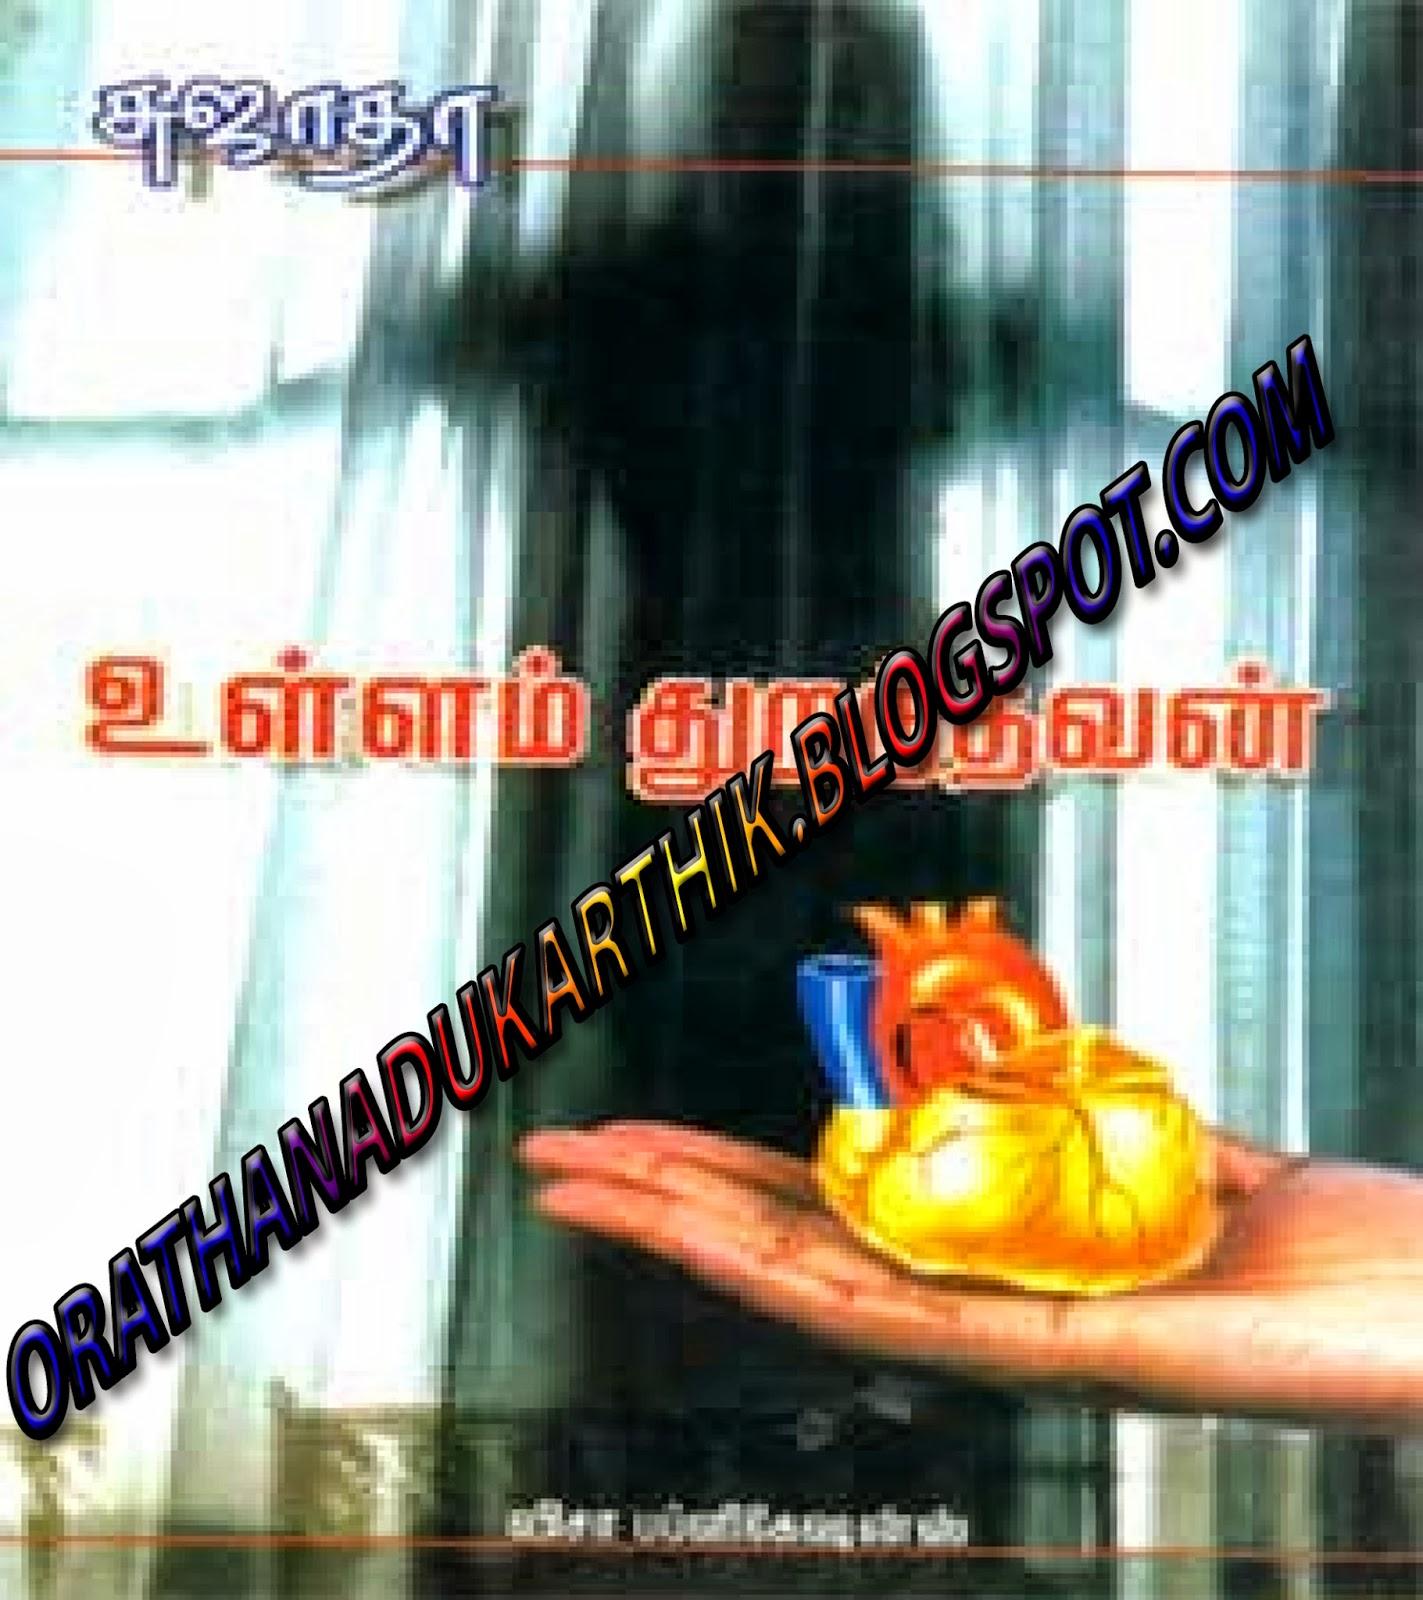 உள்ளம் துறந்தவன் -சுஜாதா நாவல் . Ullam